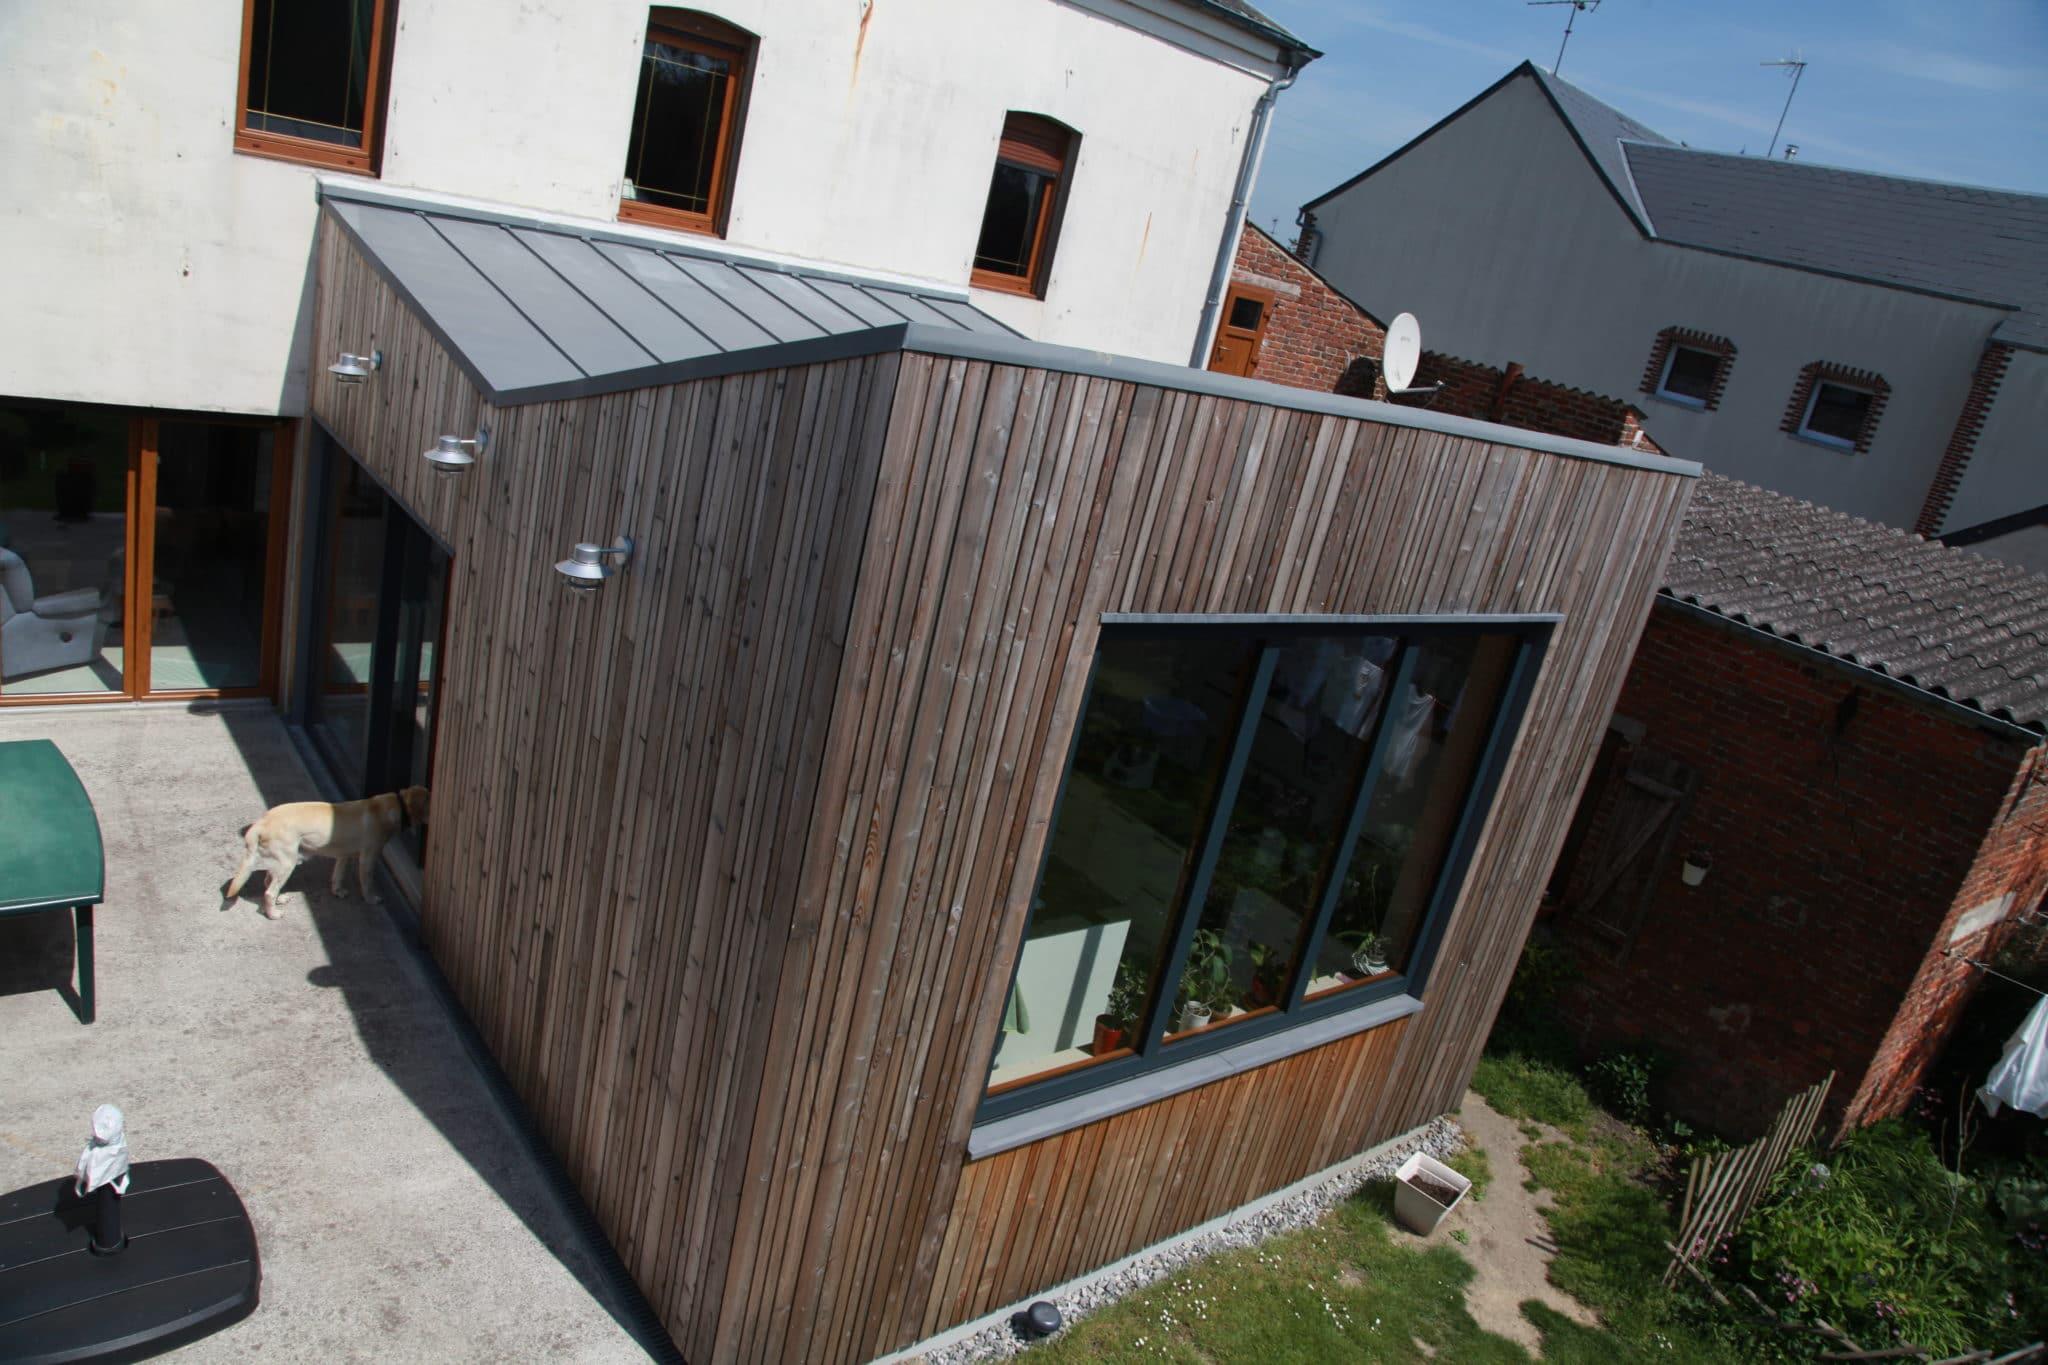 Toiture zinc pr patin reciproque construction bois for Construction bois zinc